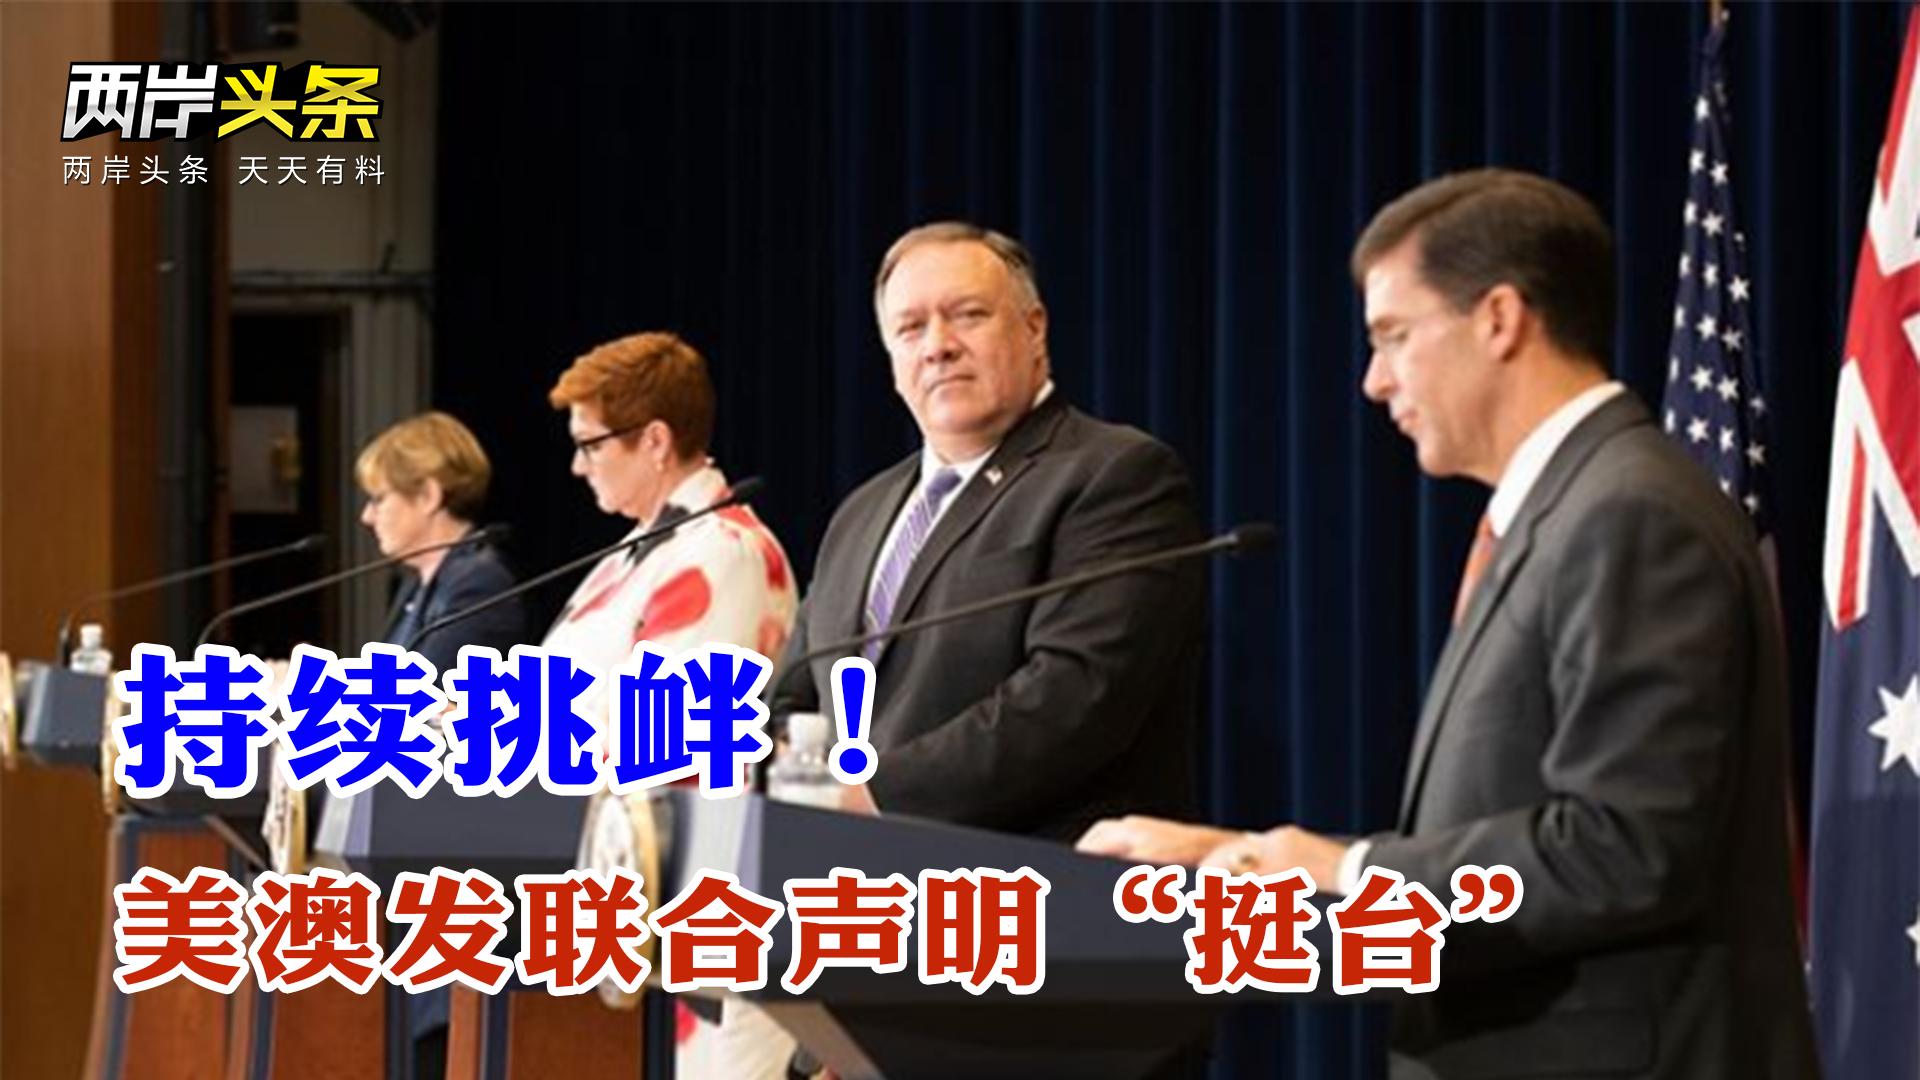 """大熊猫""""圆仔妹""""满月 挑衅!美澳联合""""挺台"""" 民进党伸黑手控制媒体图片"""